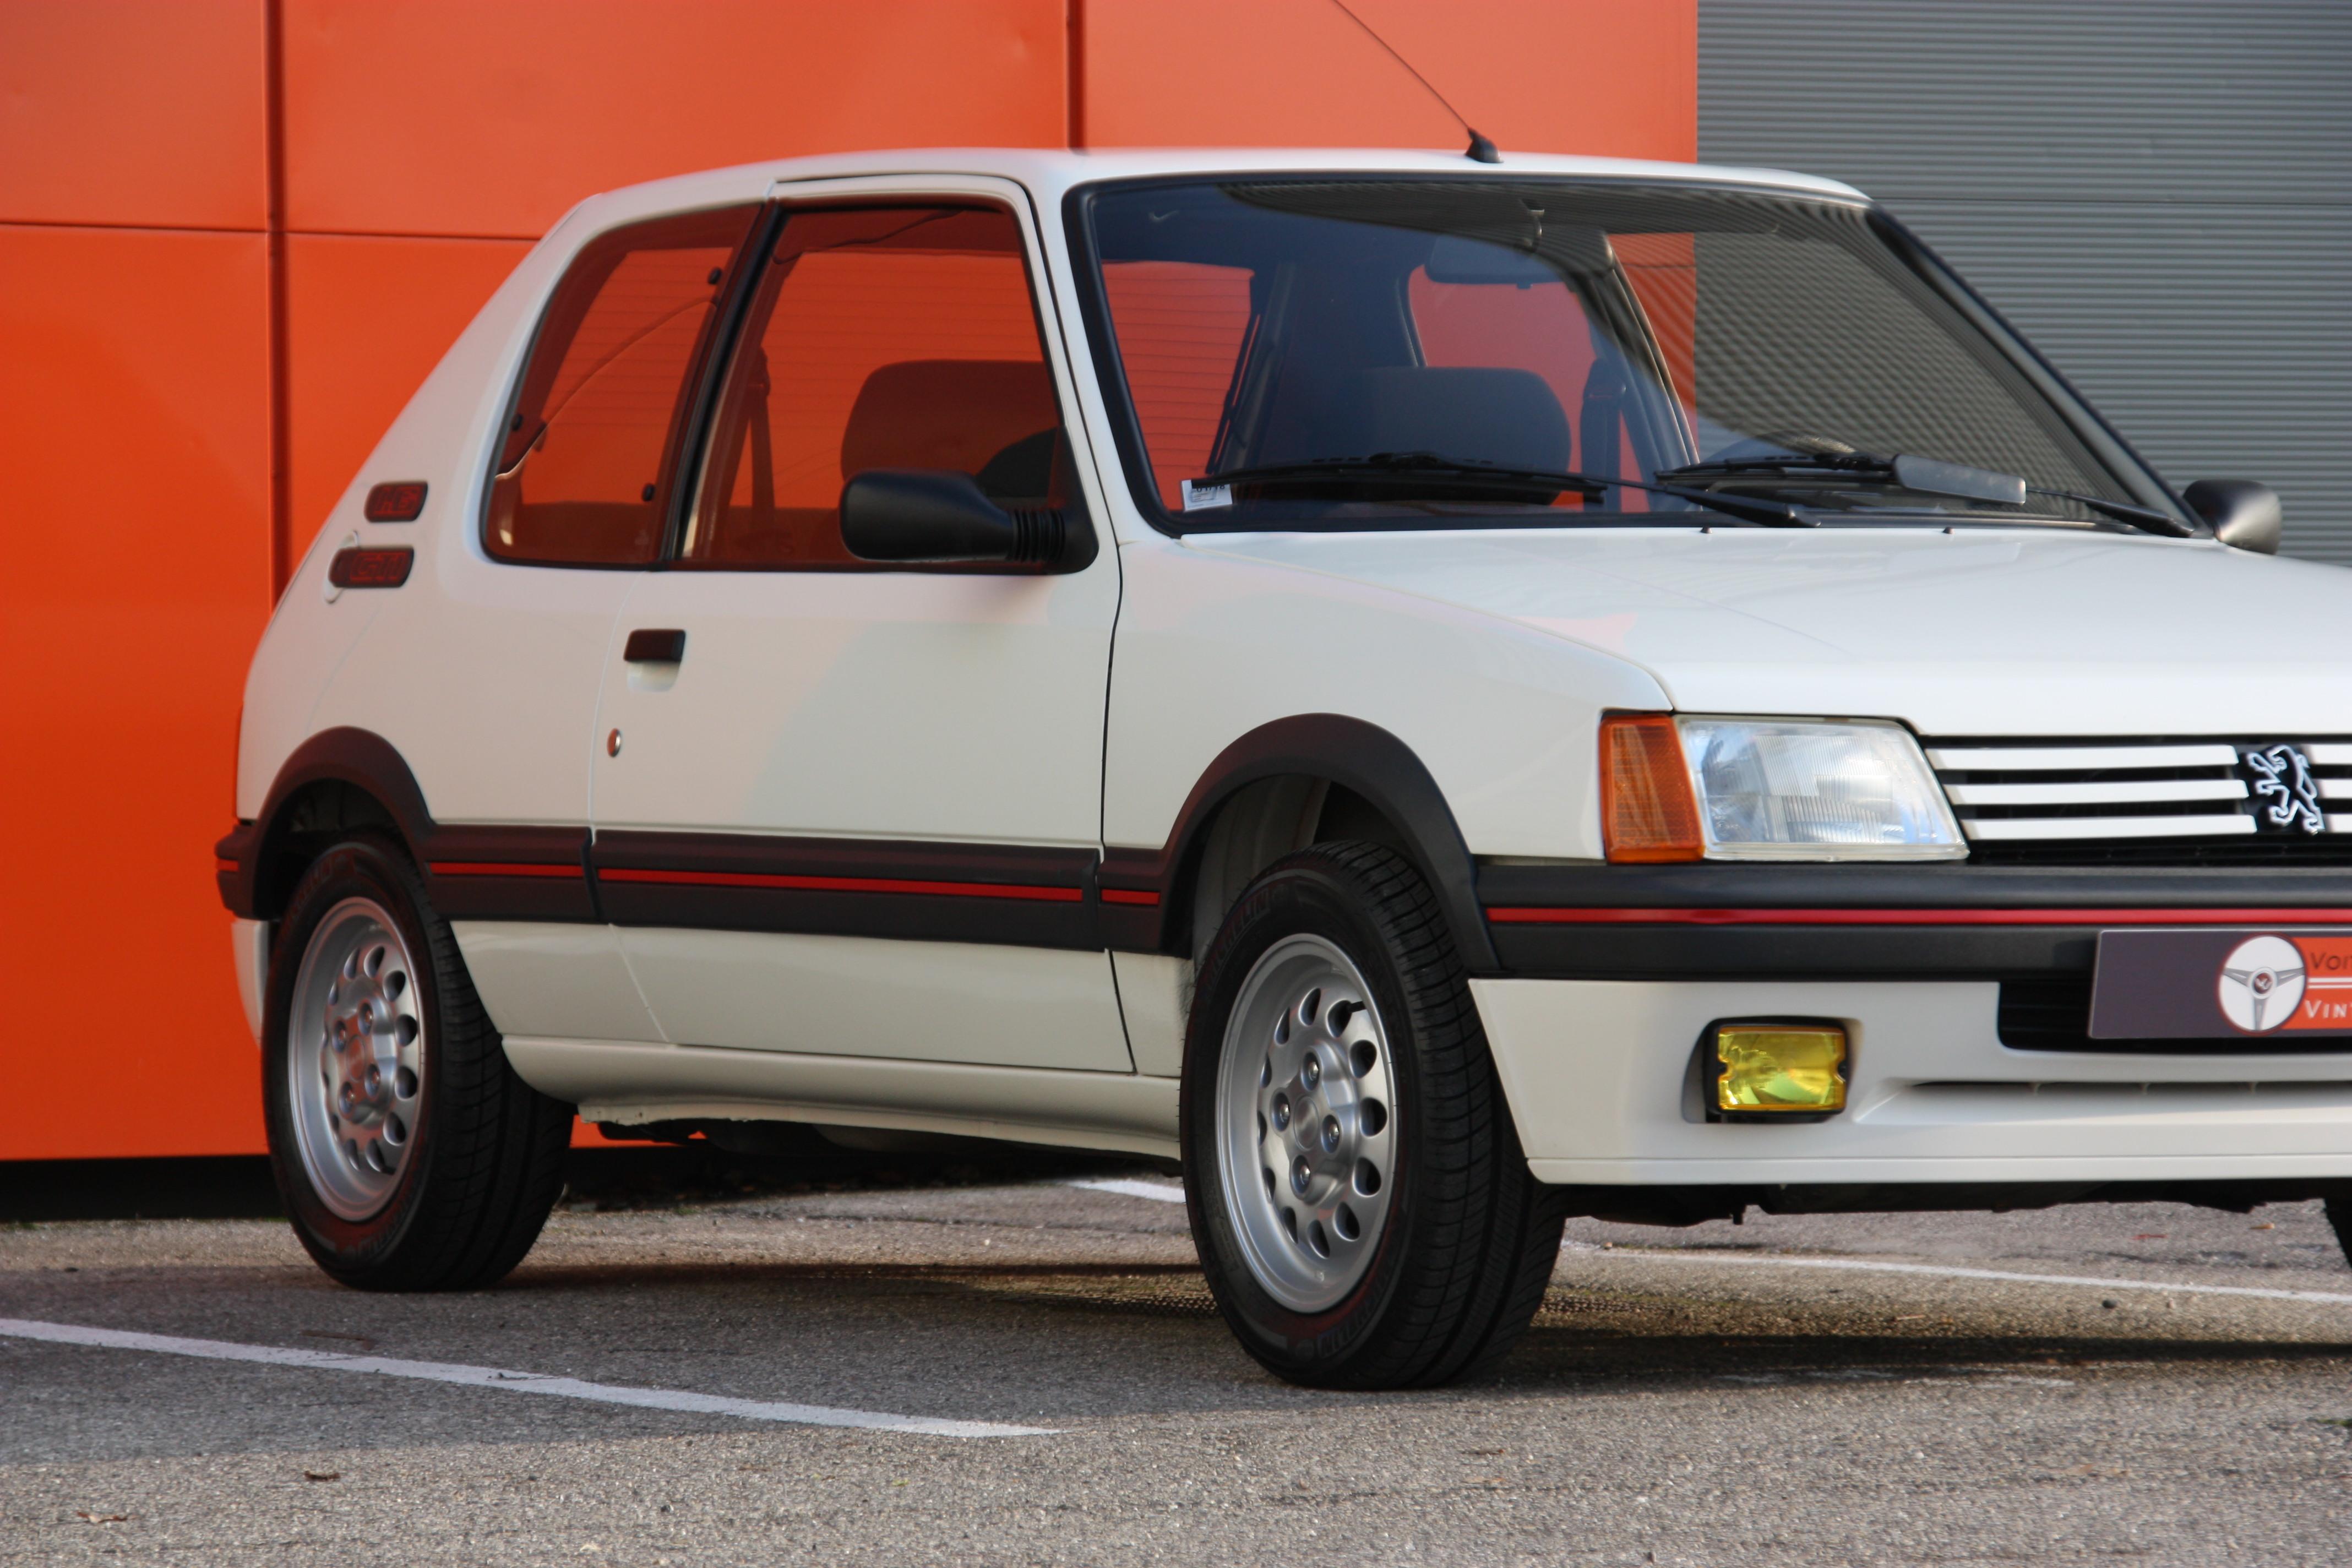 peugeot 105 voiture  peugeot 205 gti 1 6l 105 cv 1986